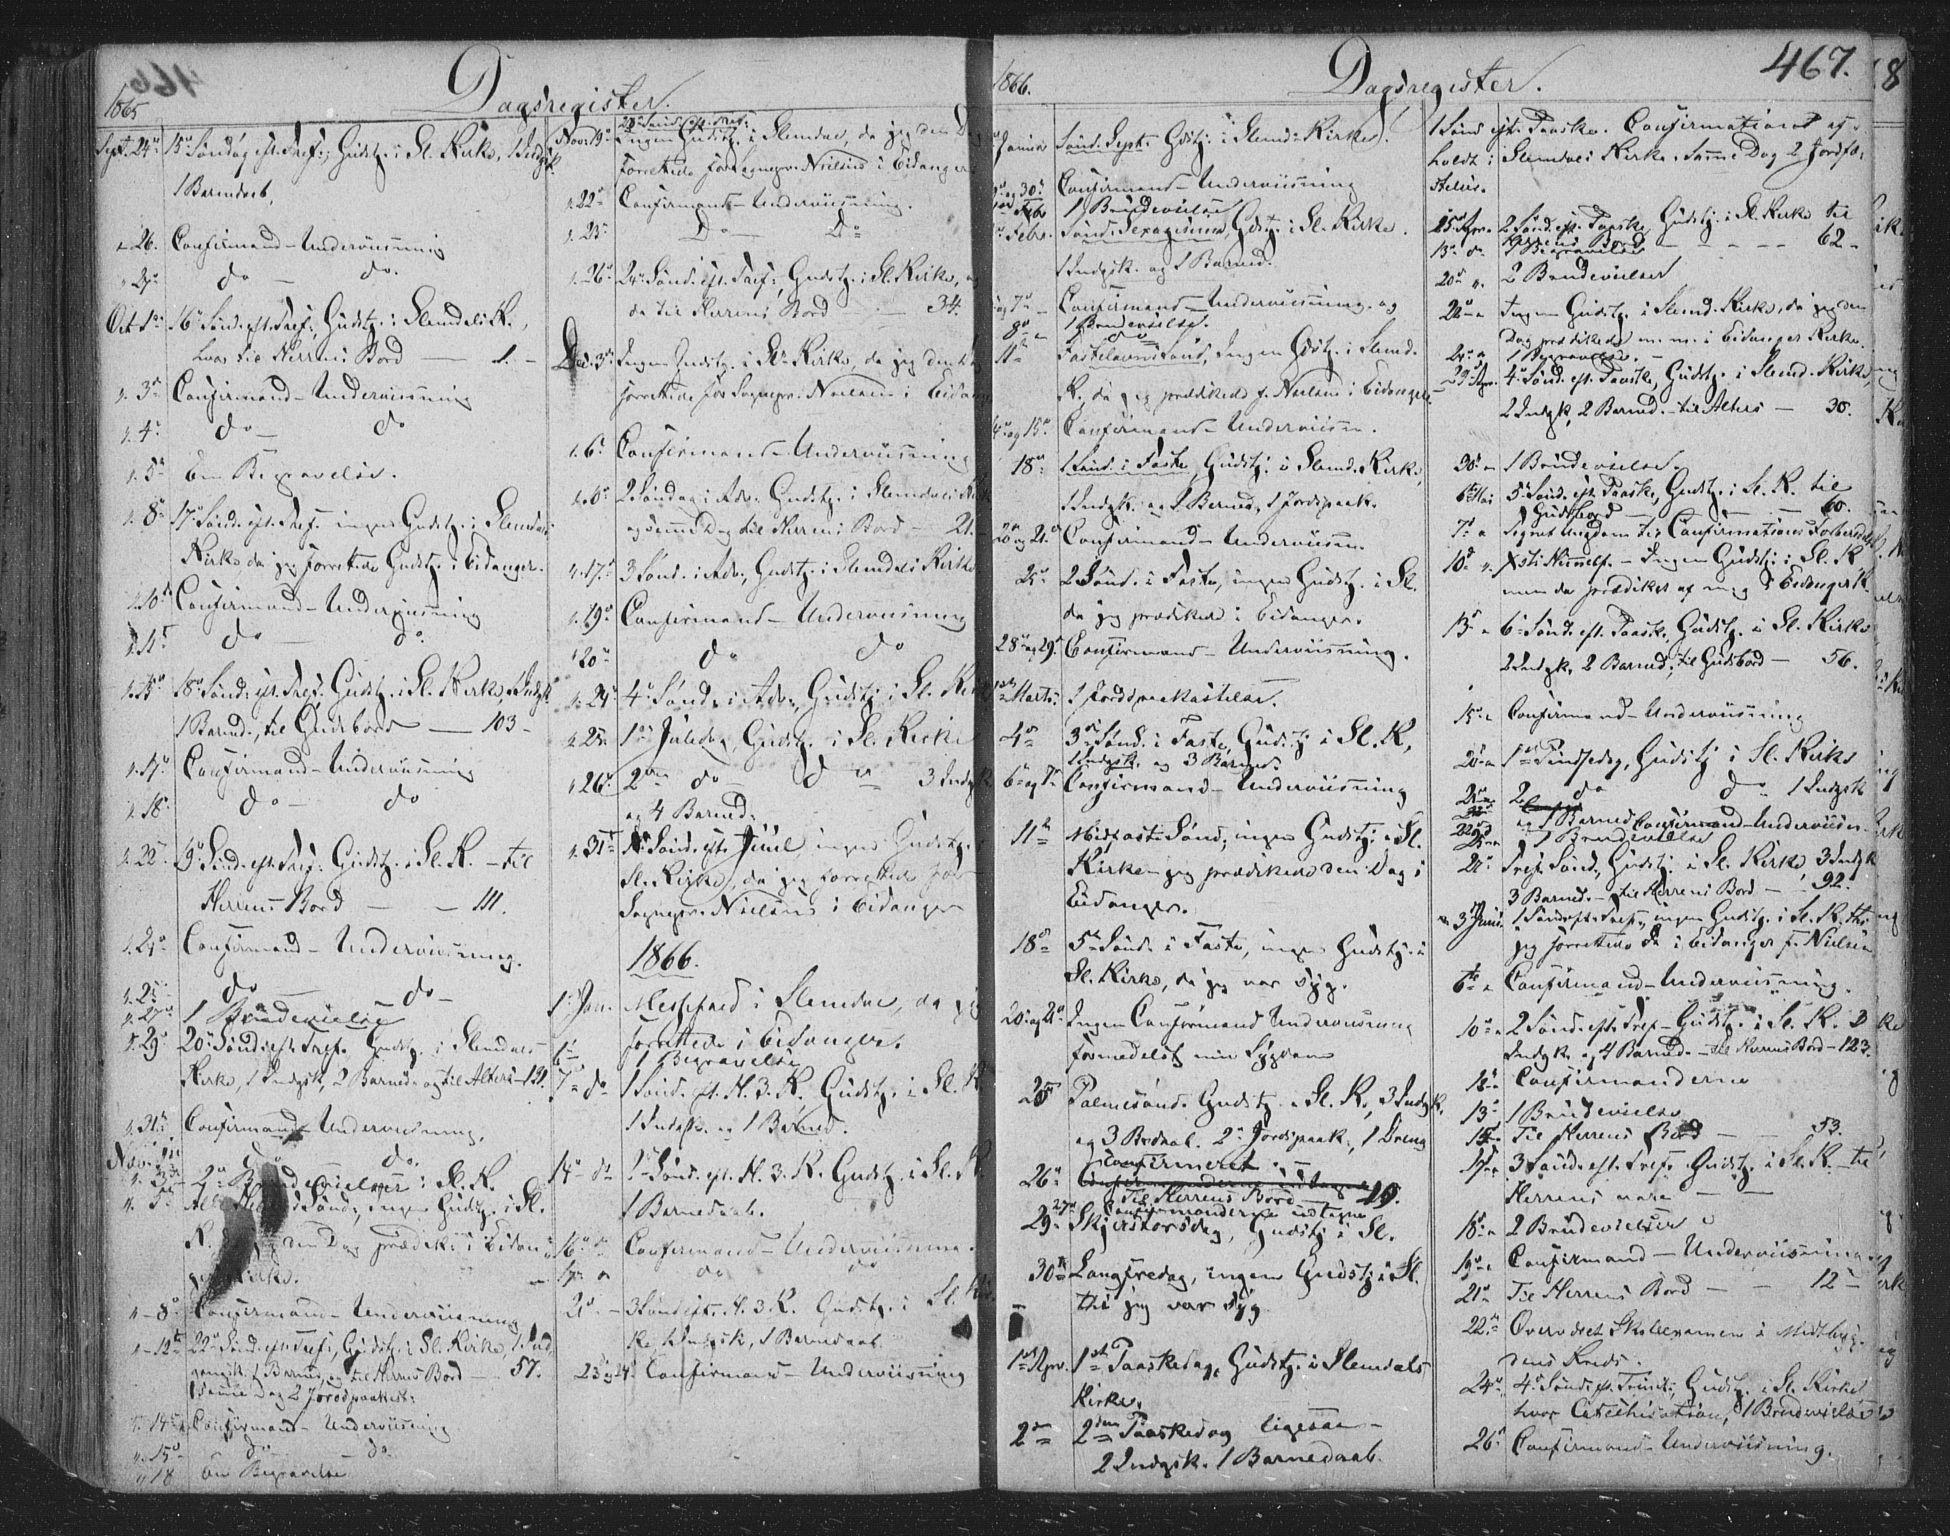 SAKO, Siljan kirkebøker, F/Fa/L0001: Ministerialbok nr. 1, 1831-1870, s. 467